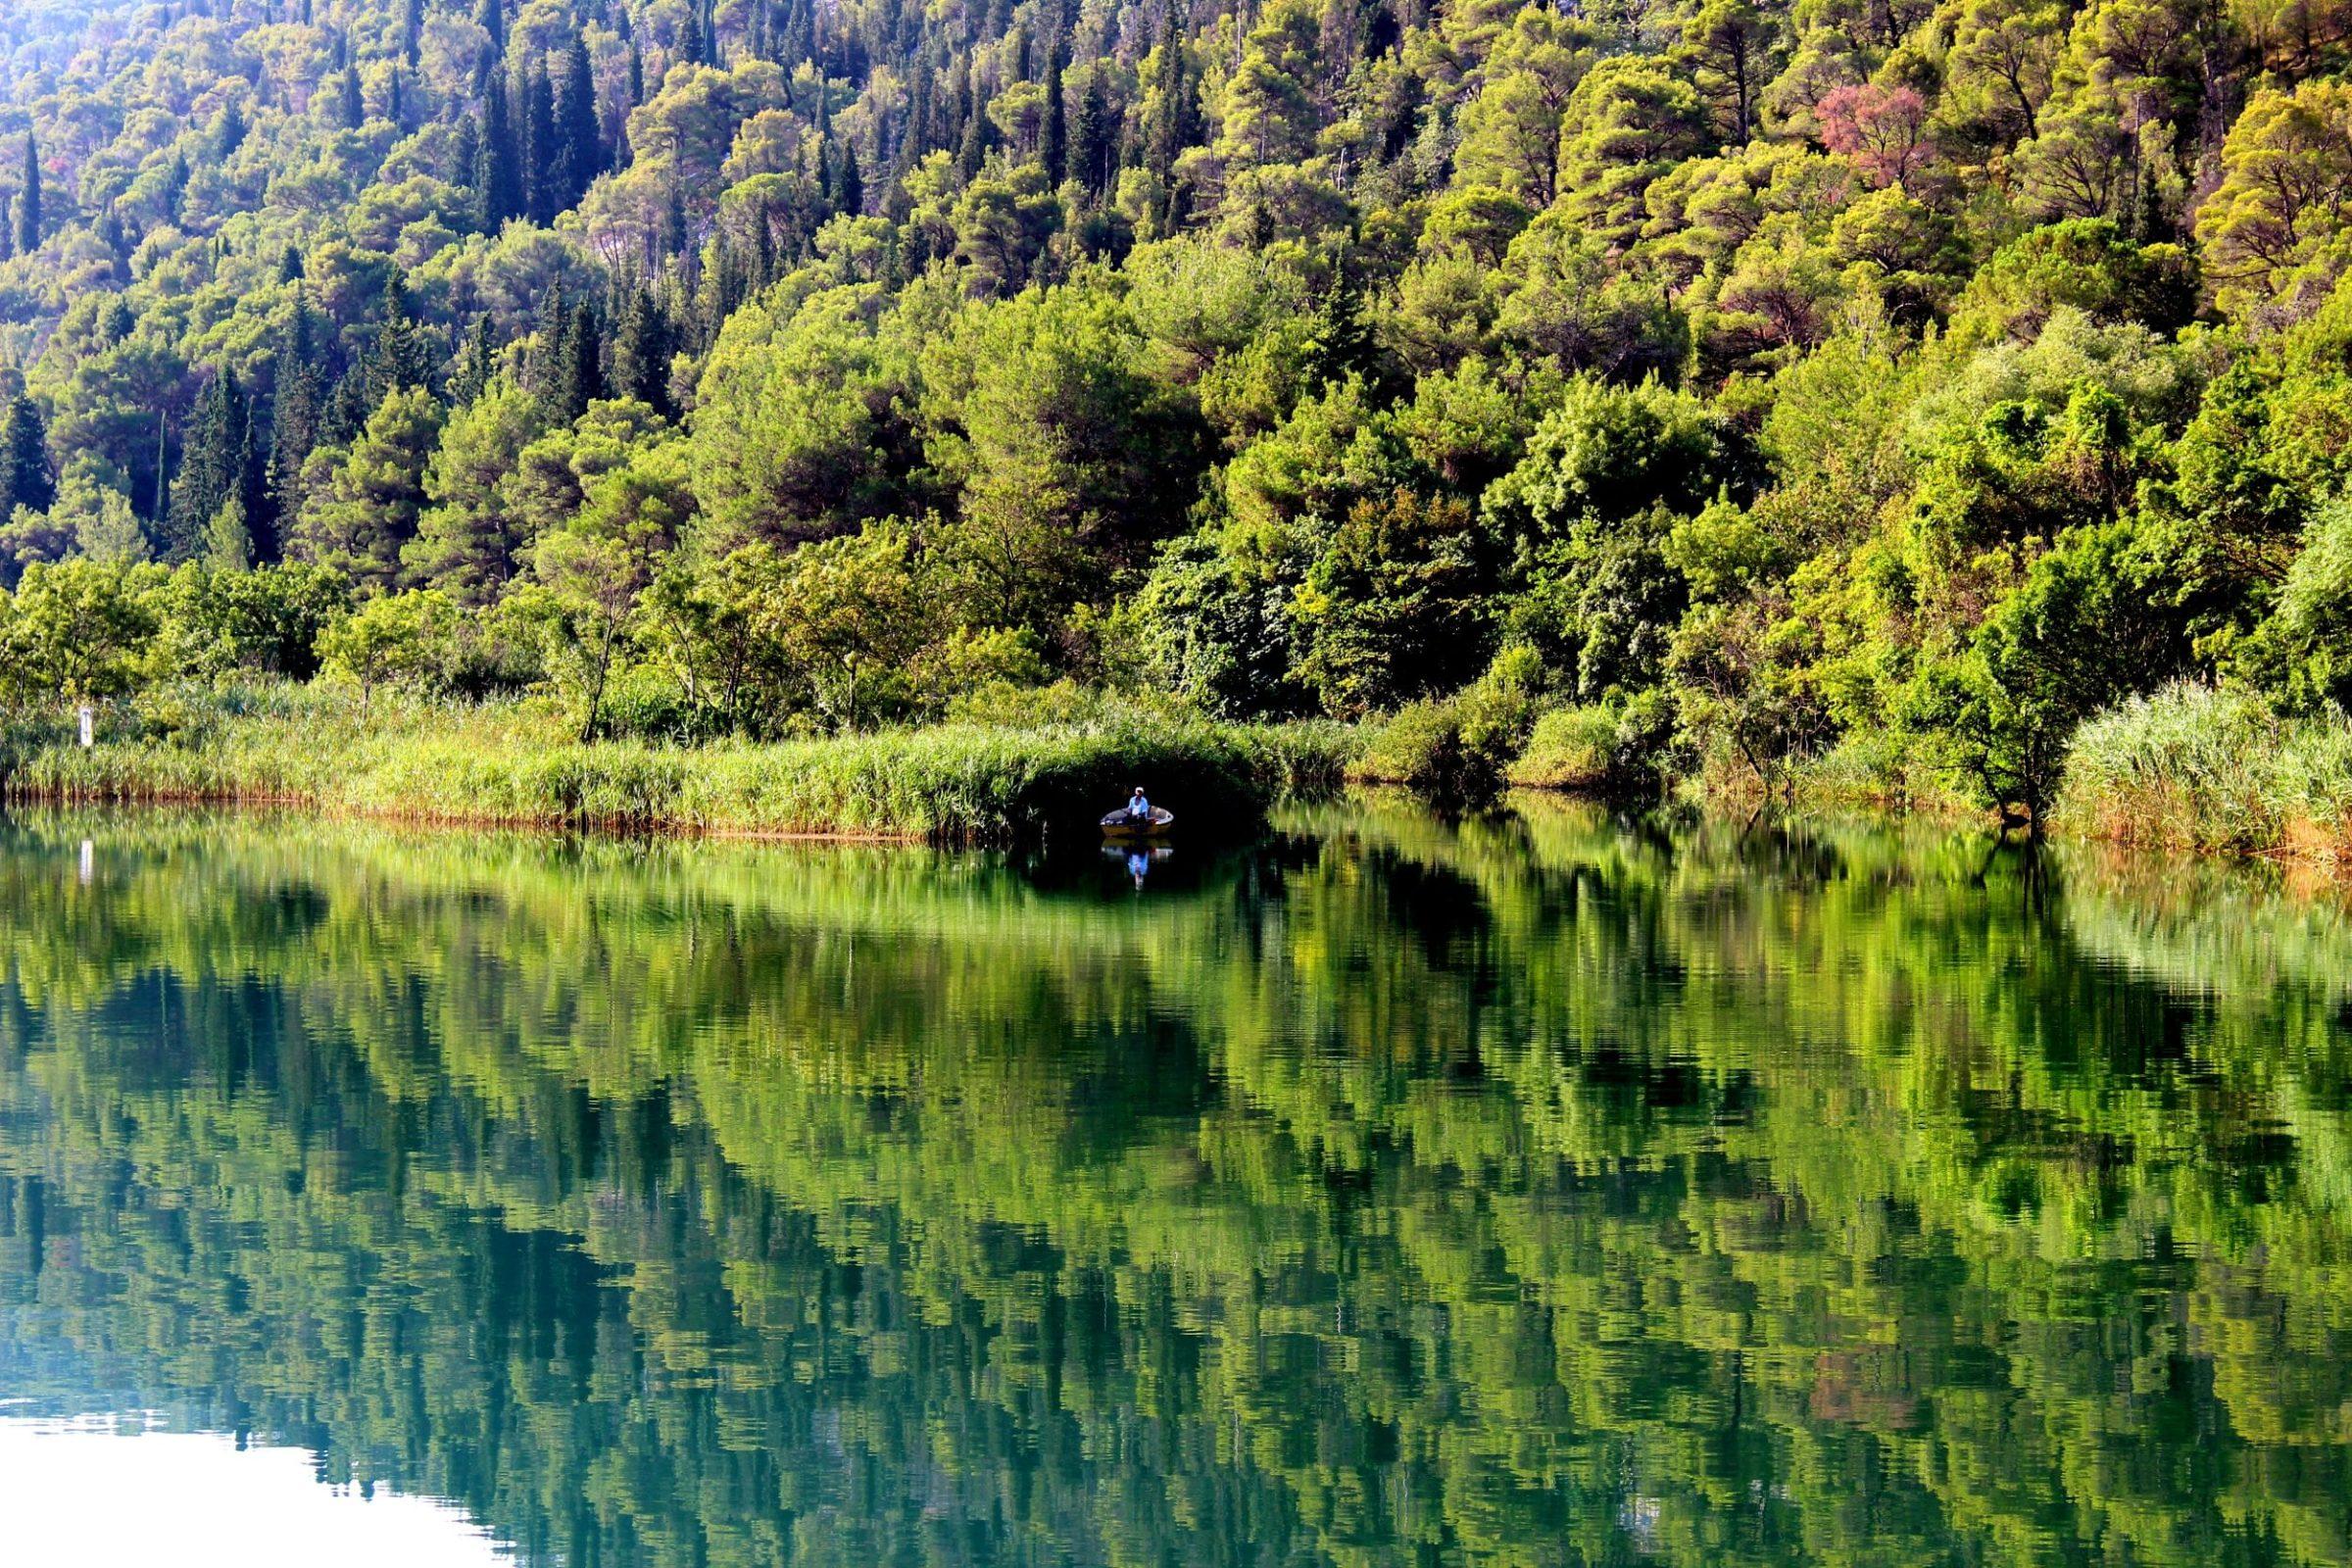 Visser om 06:00u in de ochtend op het spiegelgladde meer richting de KRKA watervallen